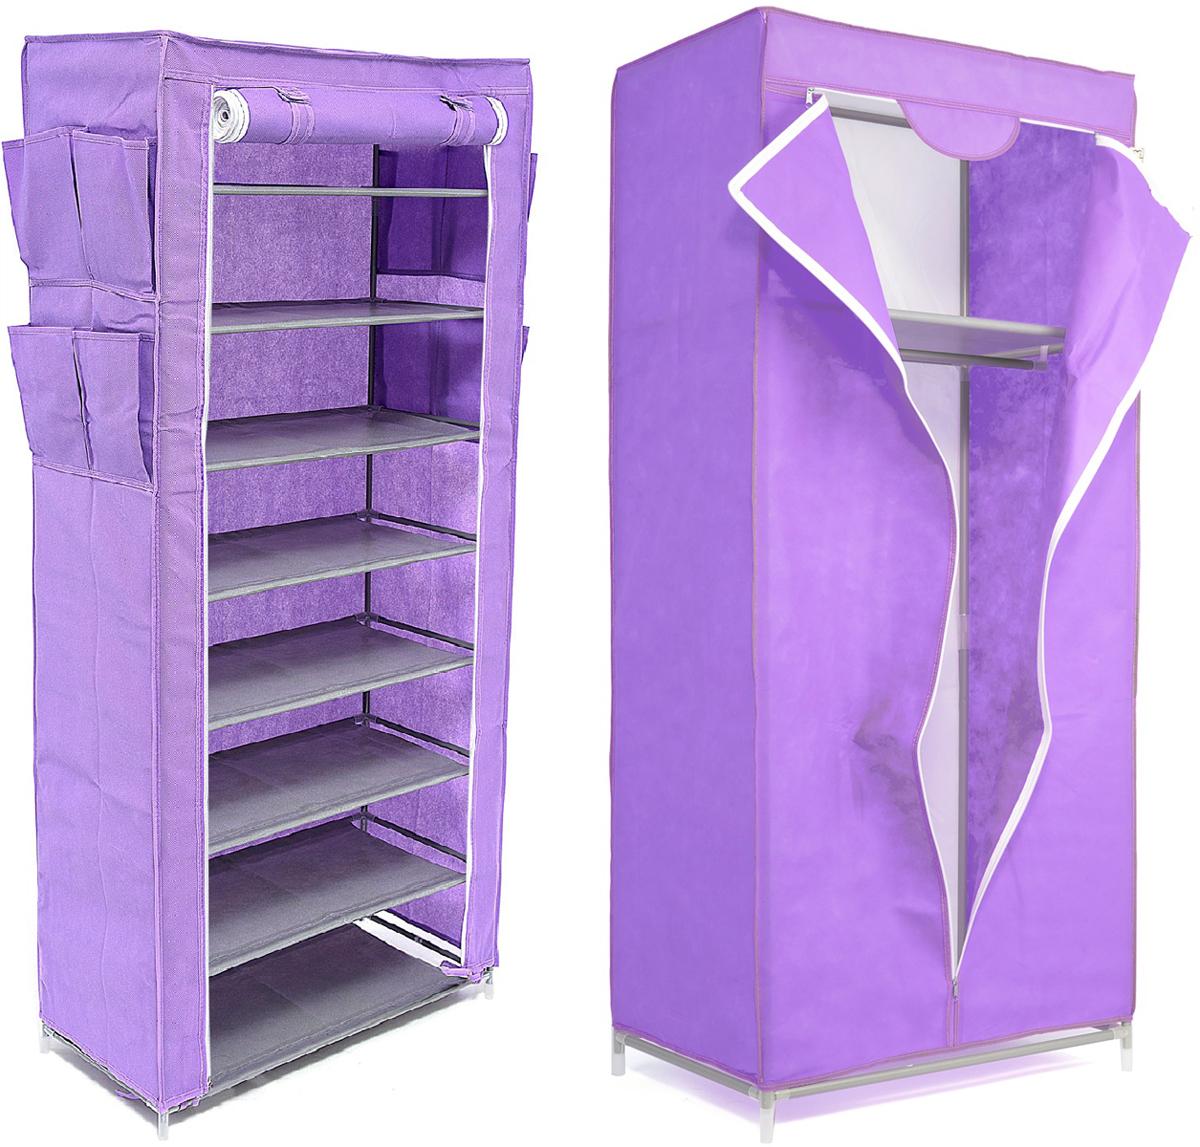 Набор кофров для хранения Homsu, цвет: фиолетовый, 2 предметаDEN-56Уникальный дизайн этого комплекта станет настоящим украшением для любого интерьера. Практичная составляющая подобной мебели также вне сомнений. Лёгкие и прочные устойчивые конструкции из каркасов и тканевой обивки могут быть легко собраны вами без посторонней помощи, буквально за несколько минут. Такая мебель будет всегда удобной и максимально практичной, ведь верхнюю тканевую часть при надобности можно всегда постирать либо же попросту поменять на аналогичную другого цвета. Кроме того, такие конструкции всегда будут отличным решением для того, кому по душе мобильность и постоянная смена обстановки. 680х450х1550; 600х300х1360